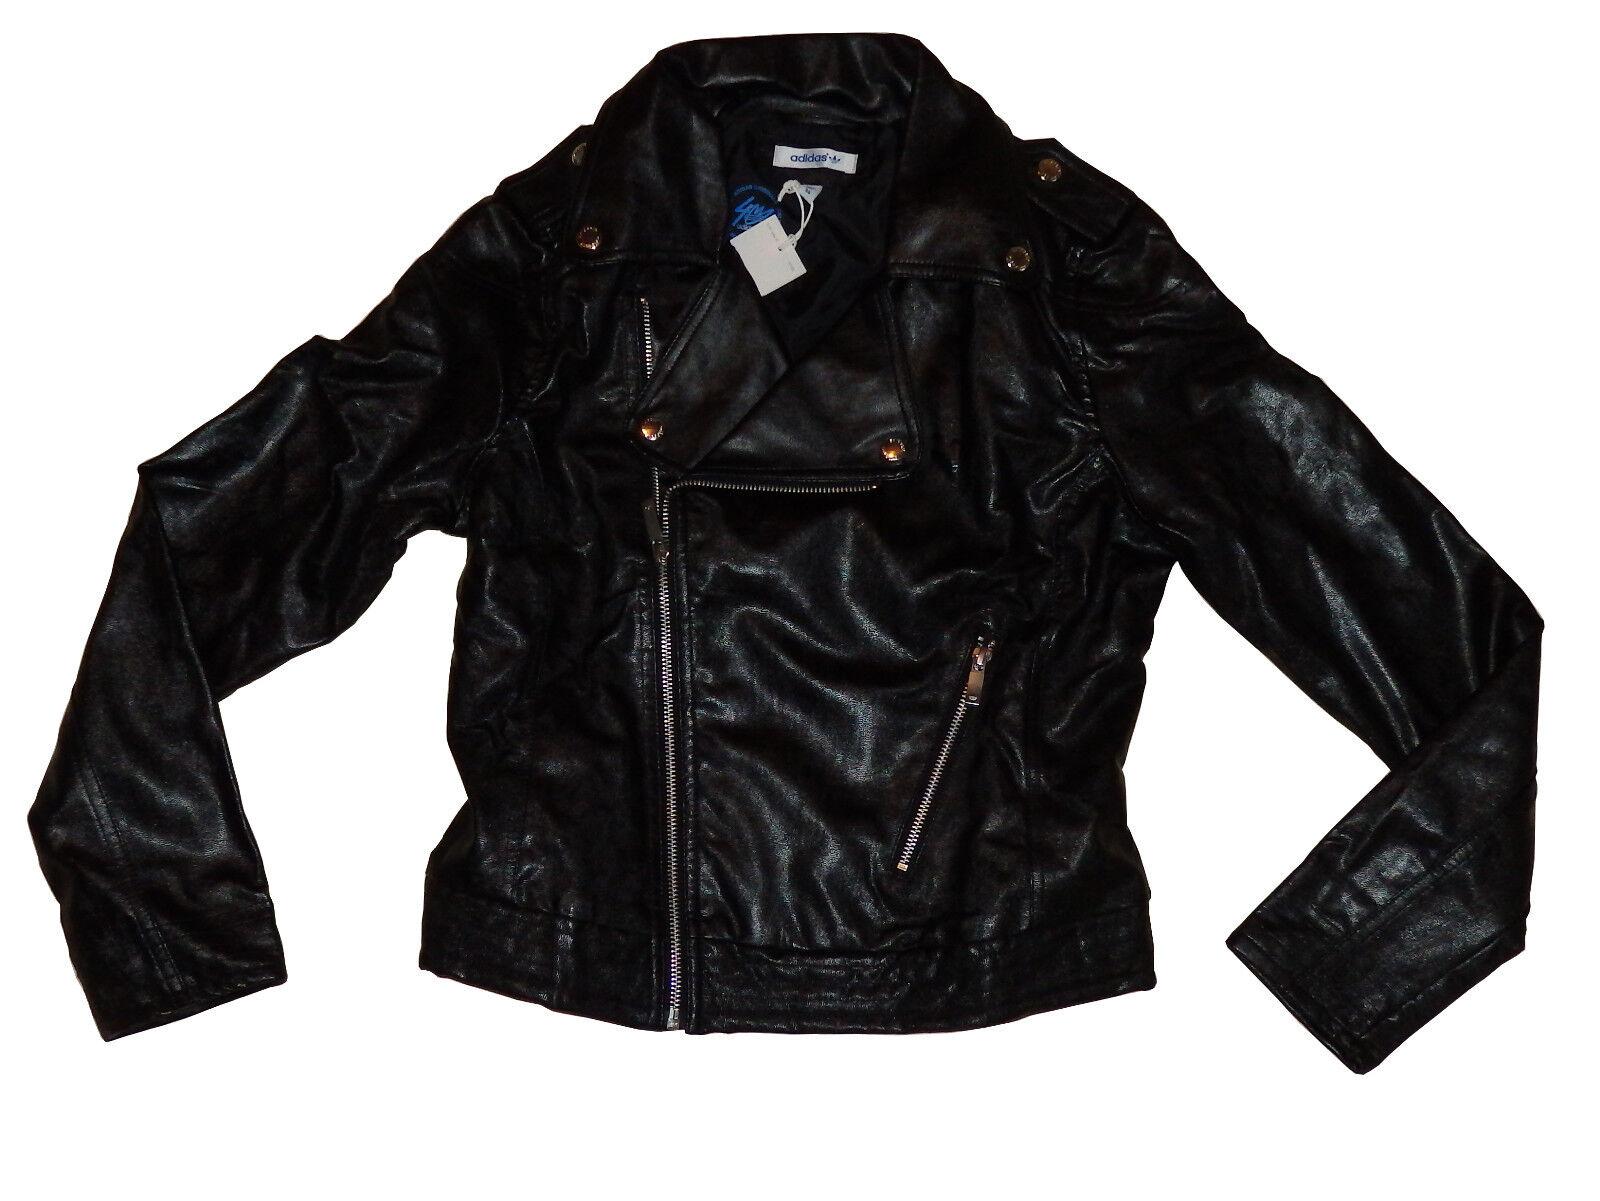 Adidas señora chaqueta de cuero faux  Leather bi nuevo a2-23  barato en alta calidad